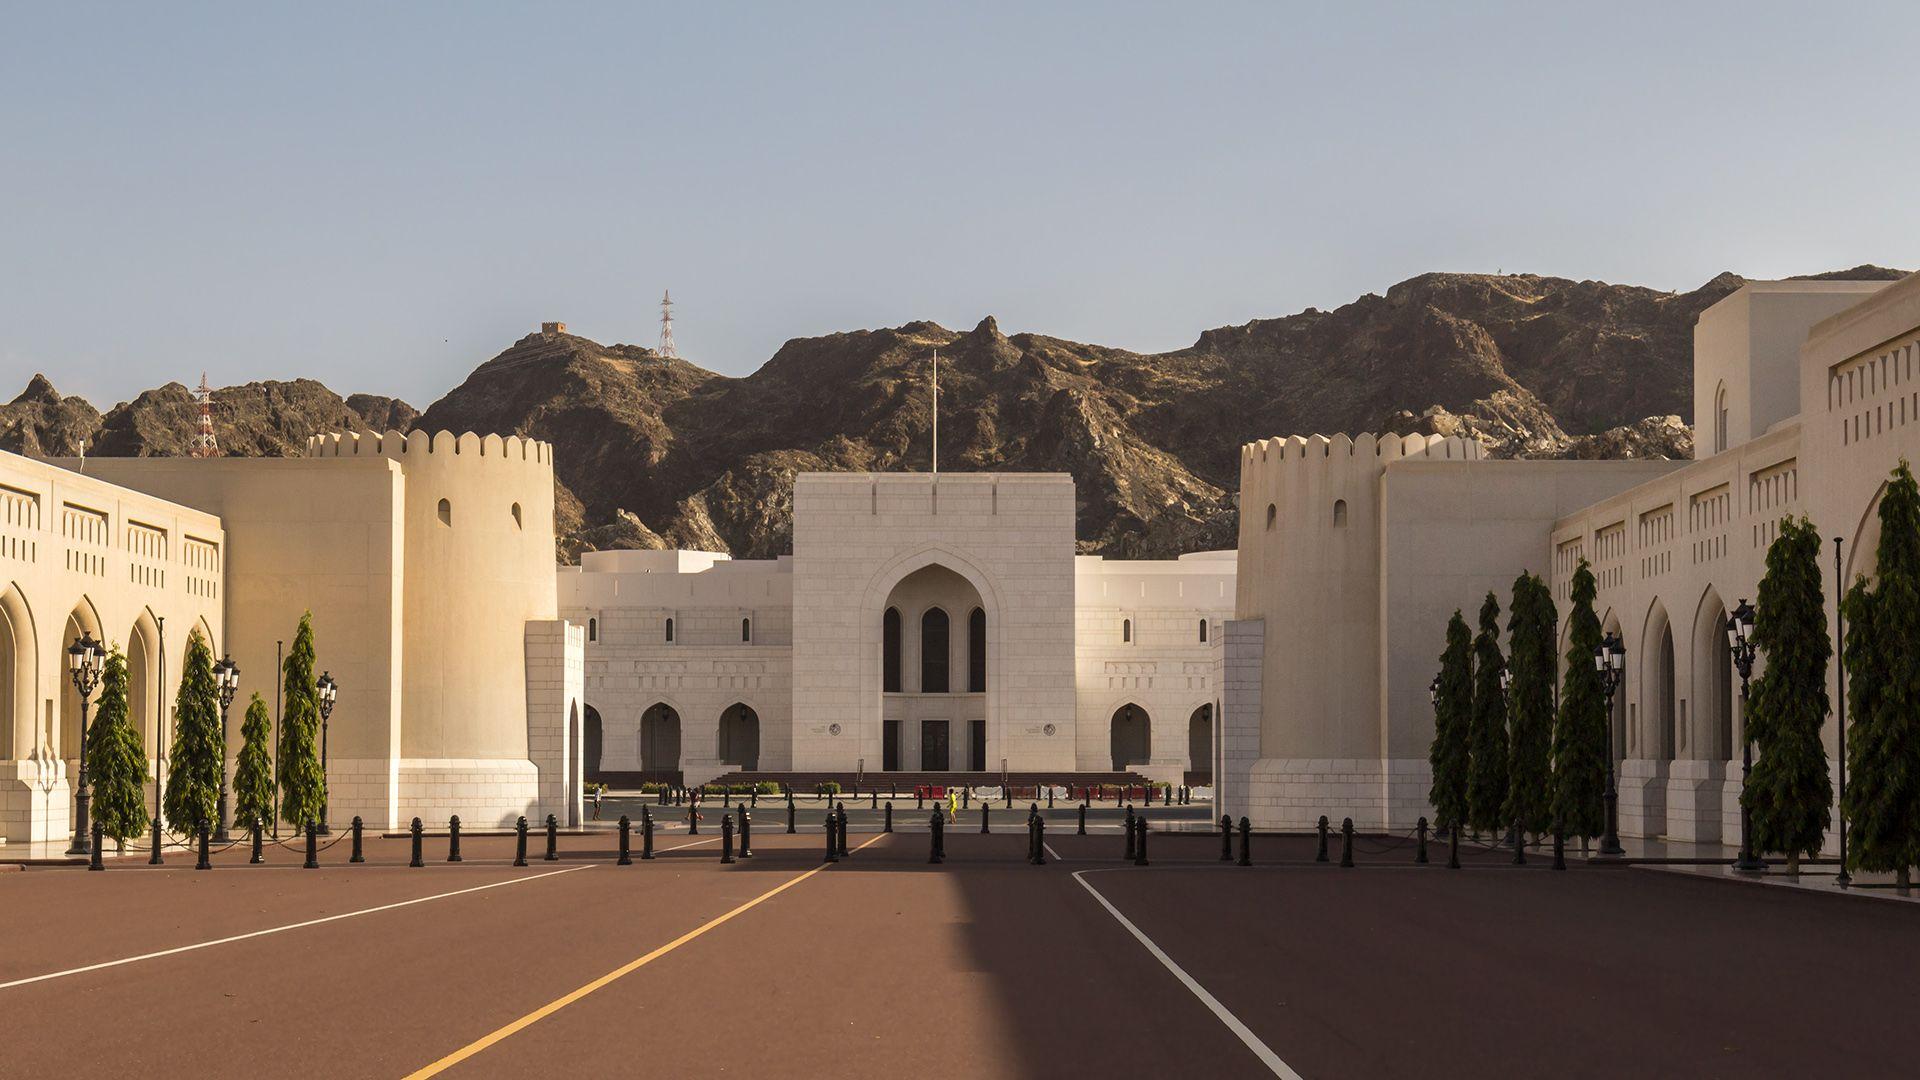 تور عمان و بازدید از موزه ملی عمان